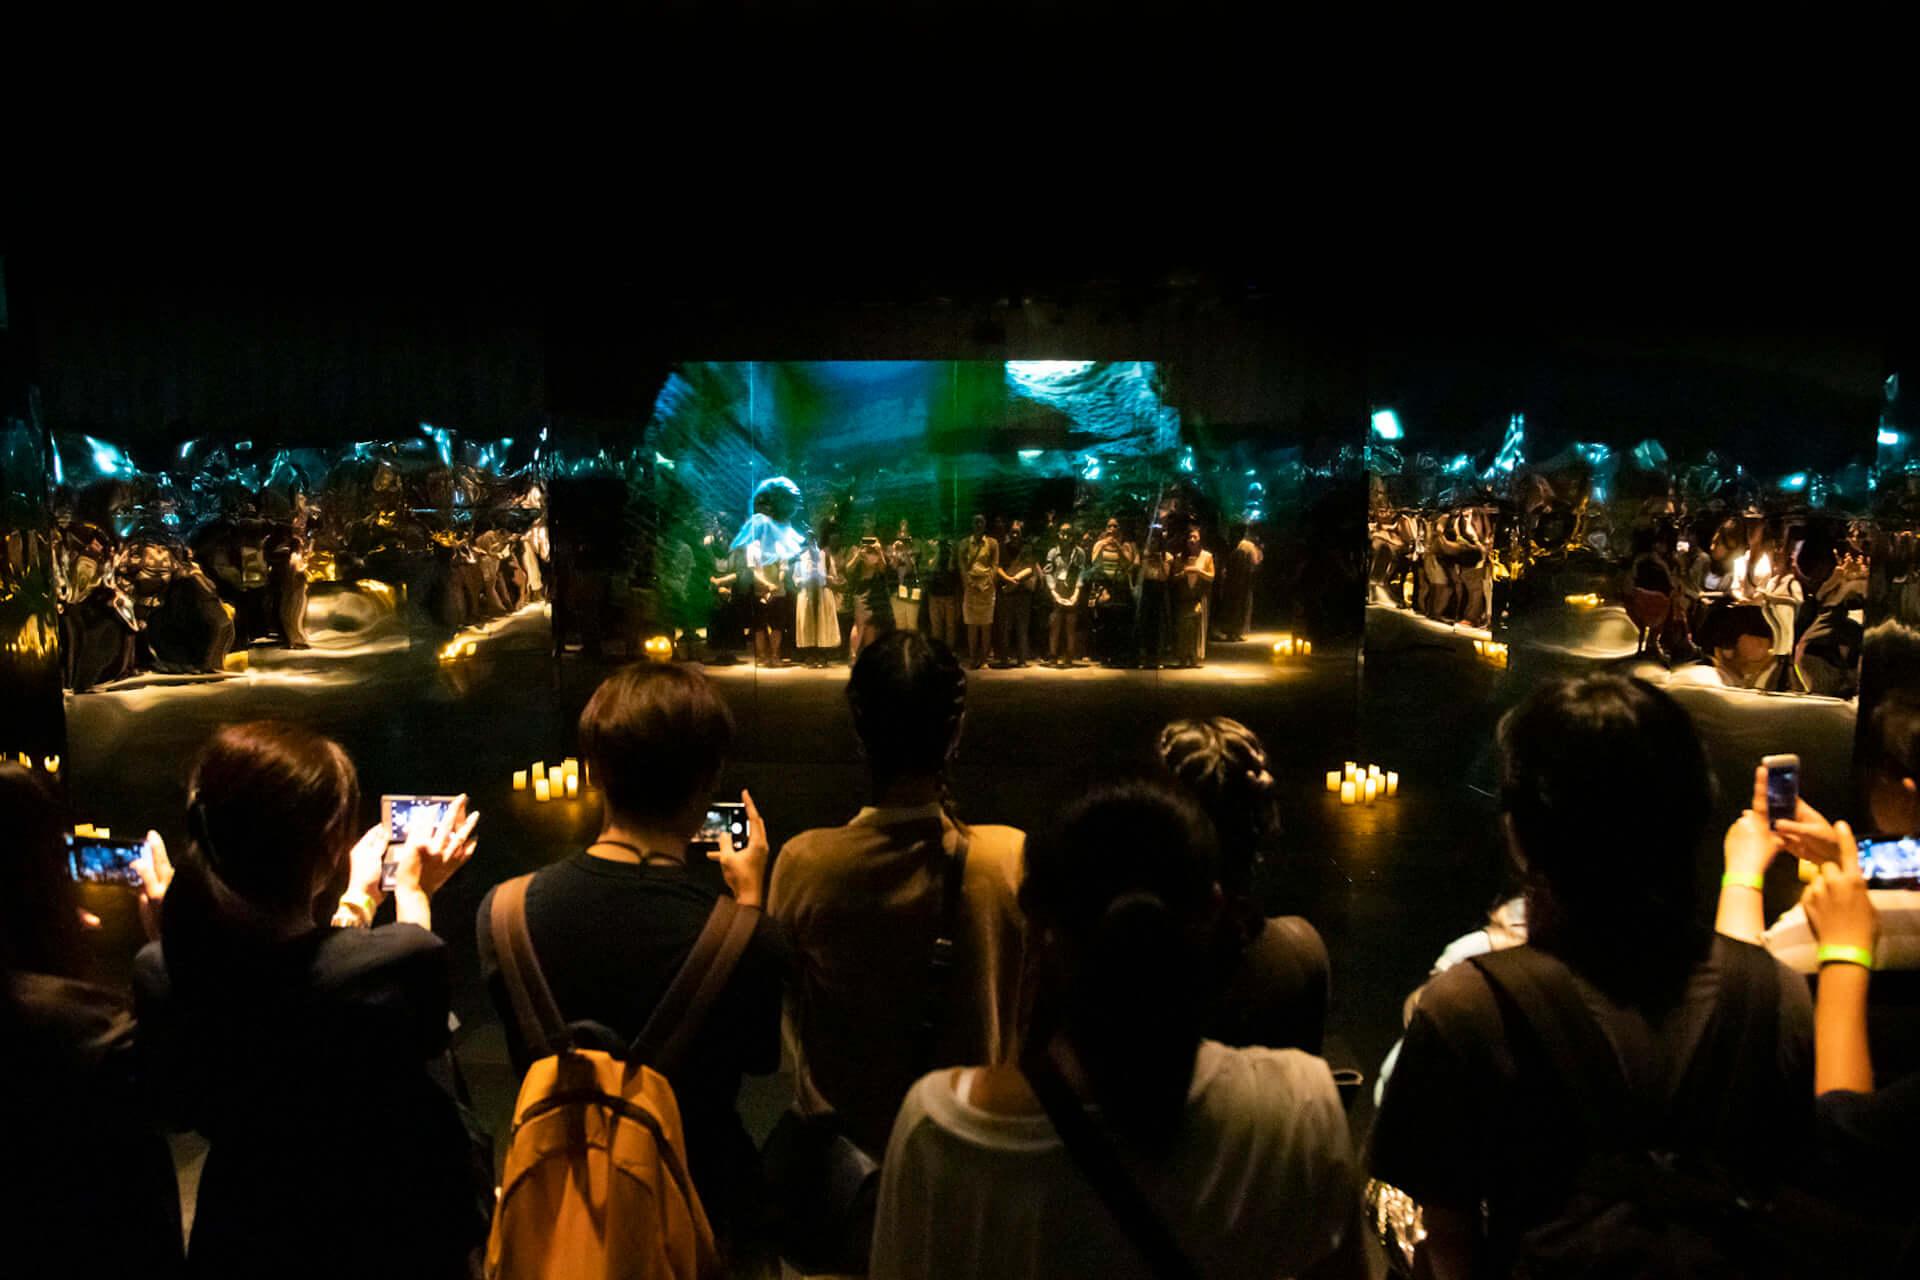 米津玄師「馬と鹿」MV、ついに解禁|<鏡の上映会>で観客とひとつに music190903_yonezukenshi_mv_7-1920x1280